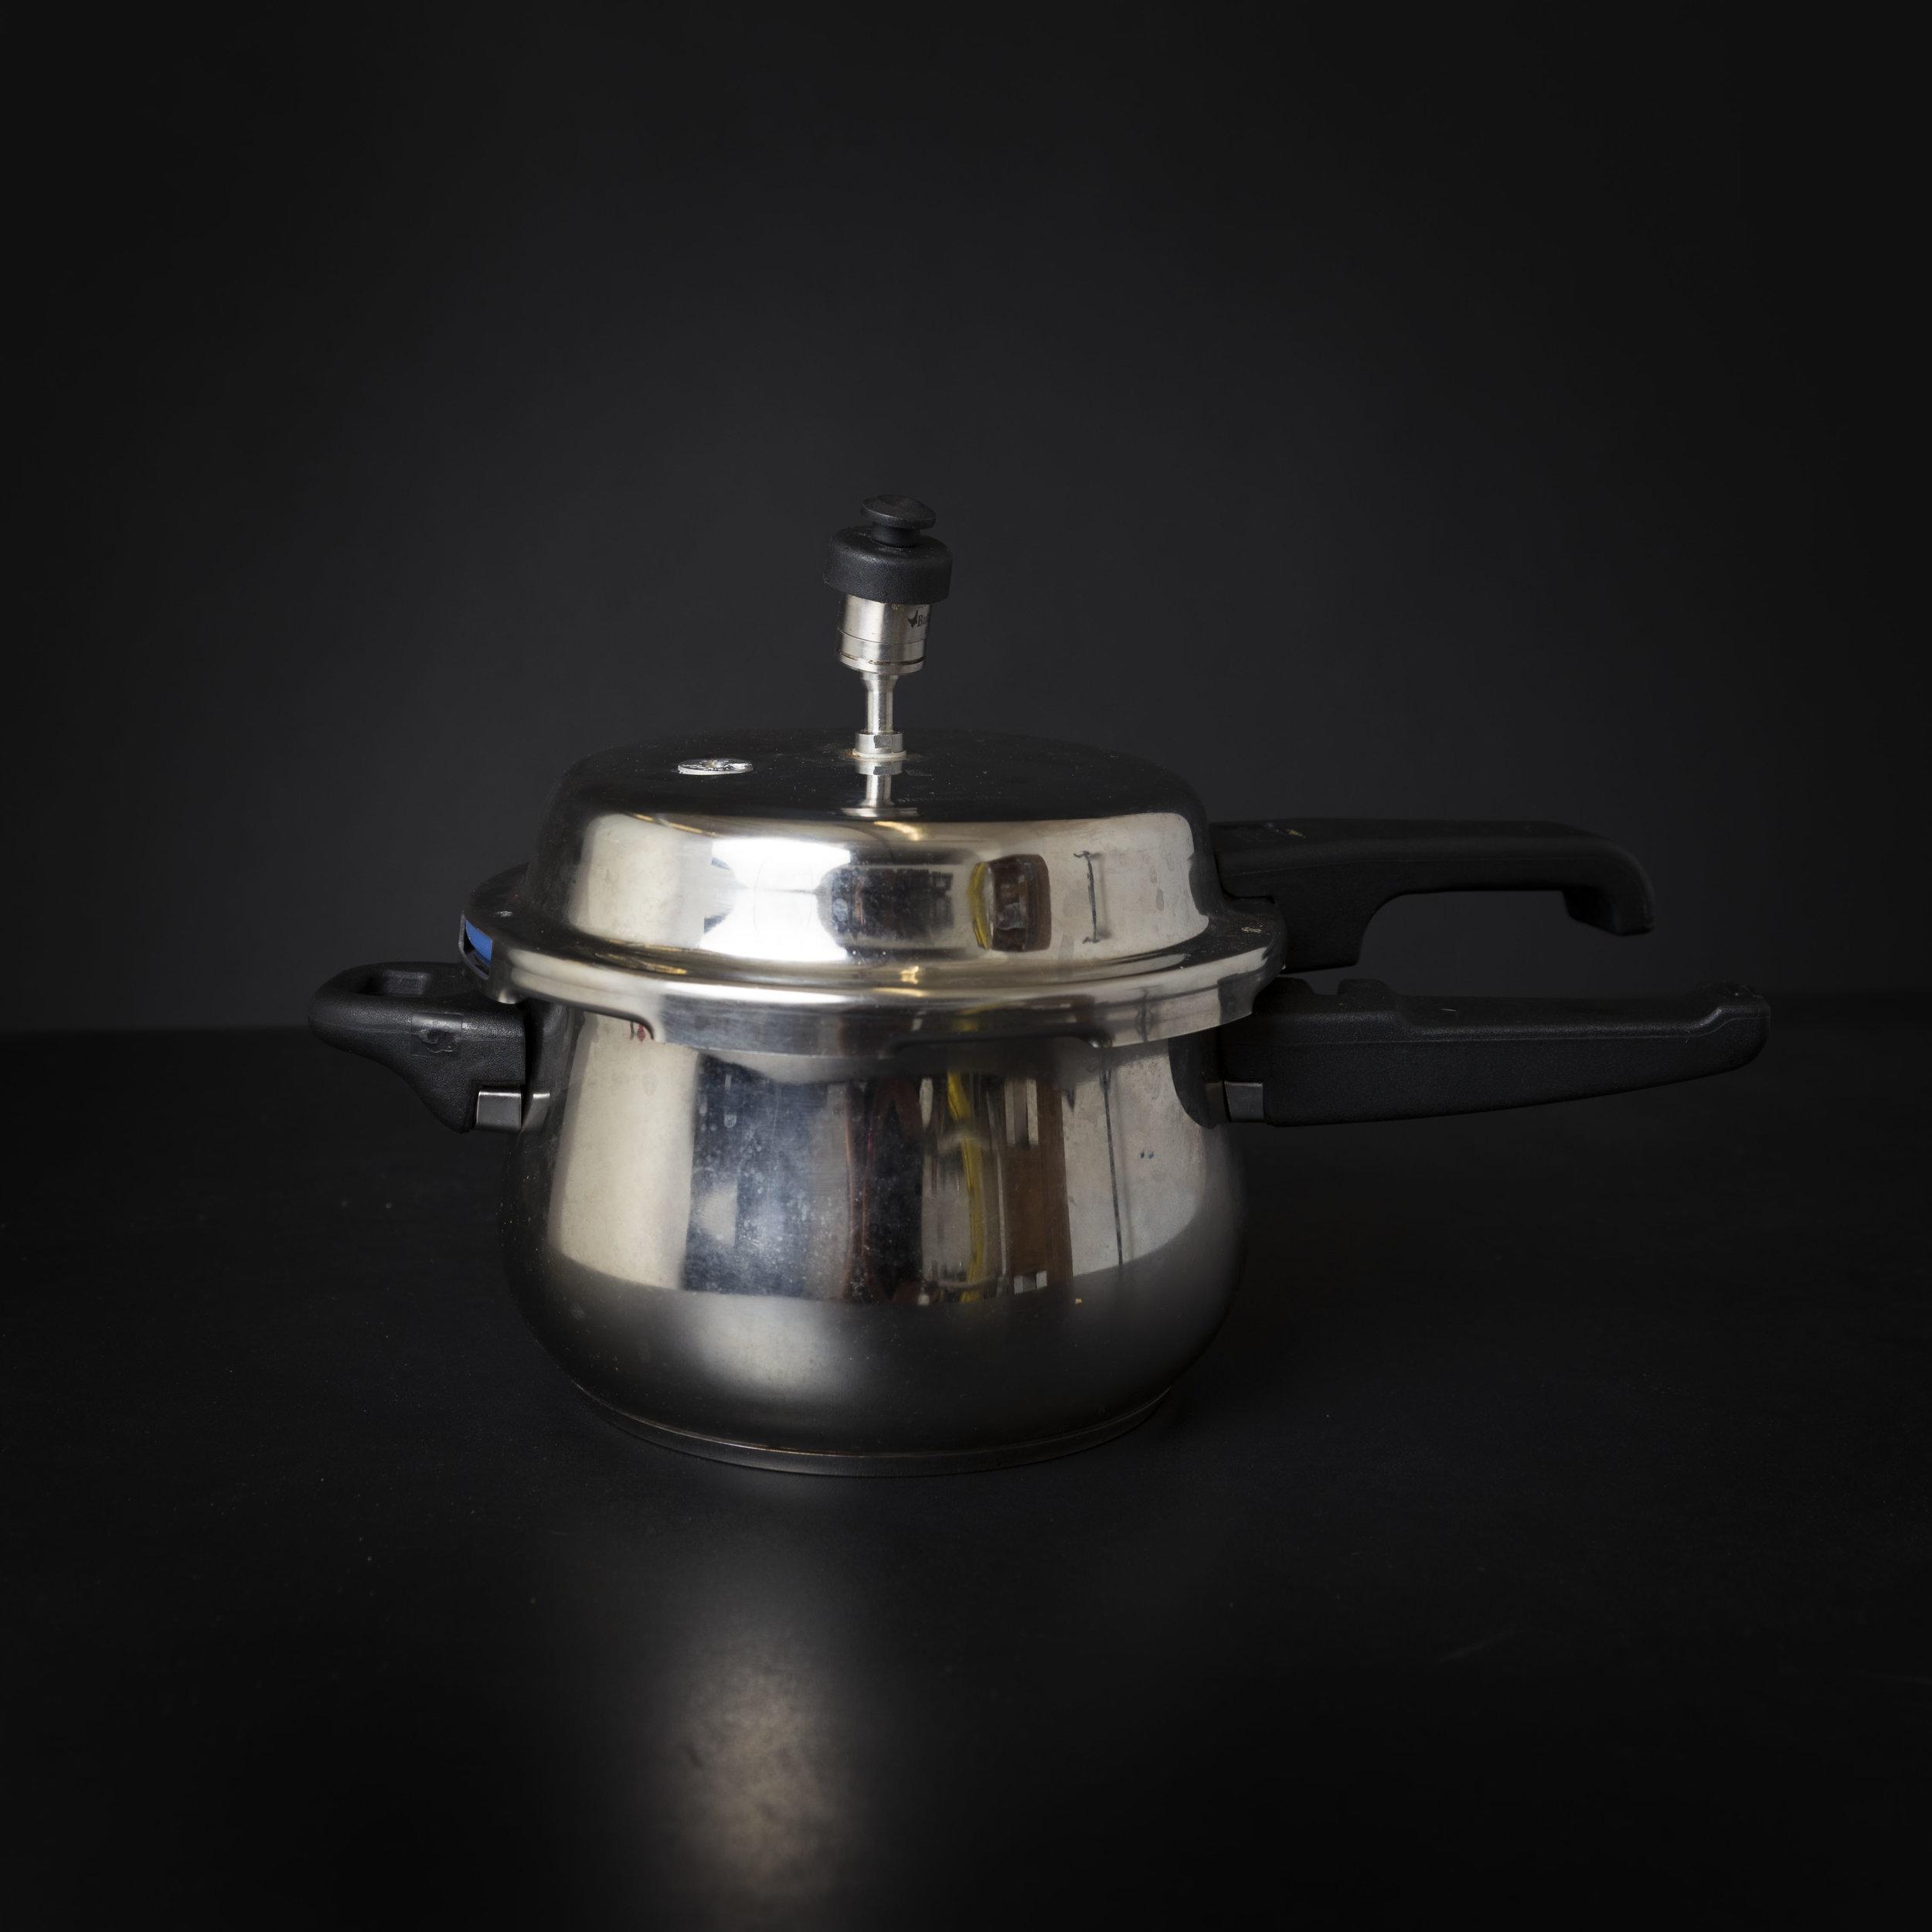 Pressure Cooker.jpg